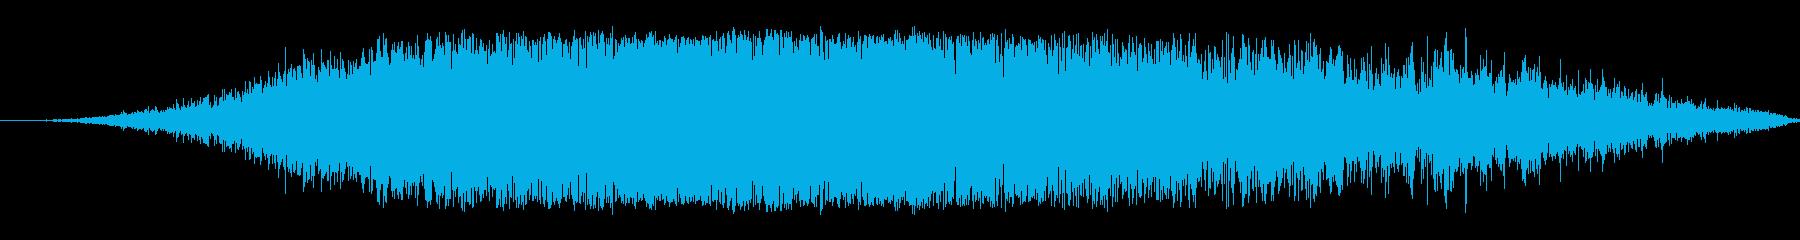 ブー群衆の再生済みの波形